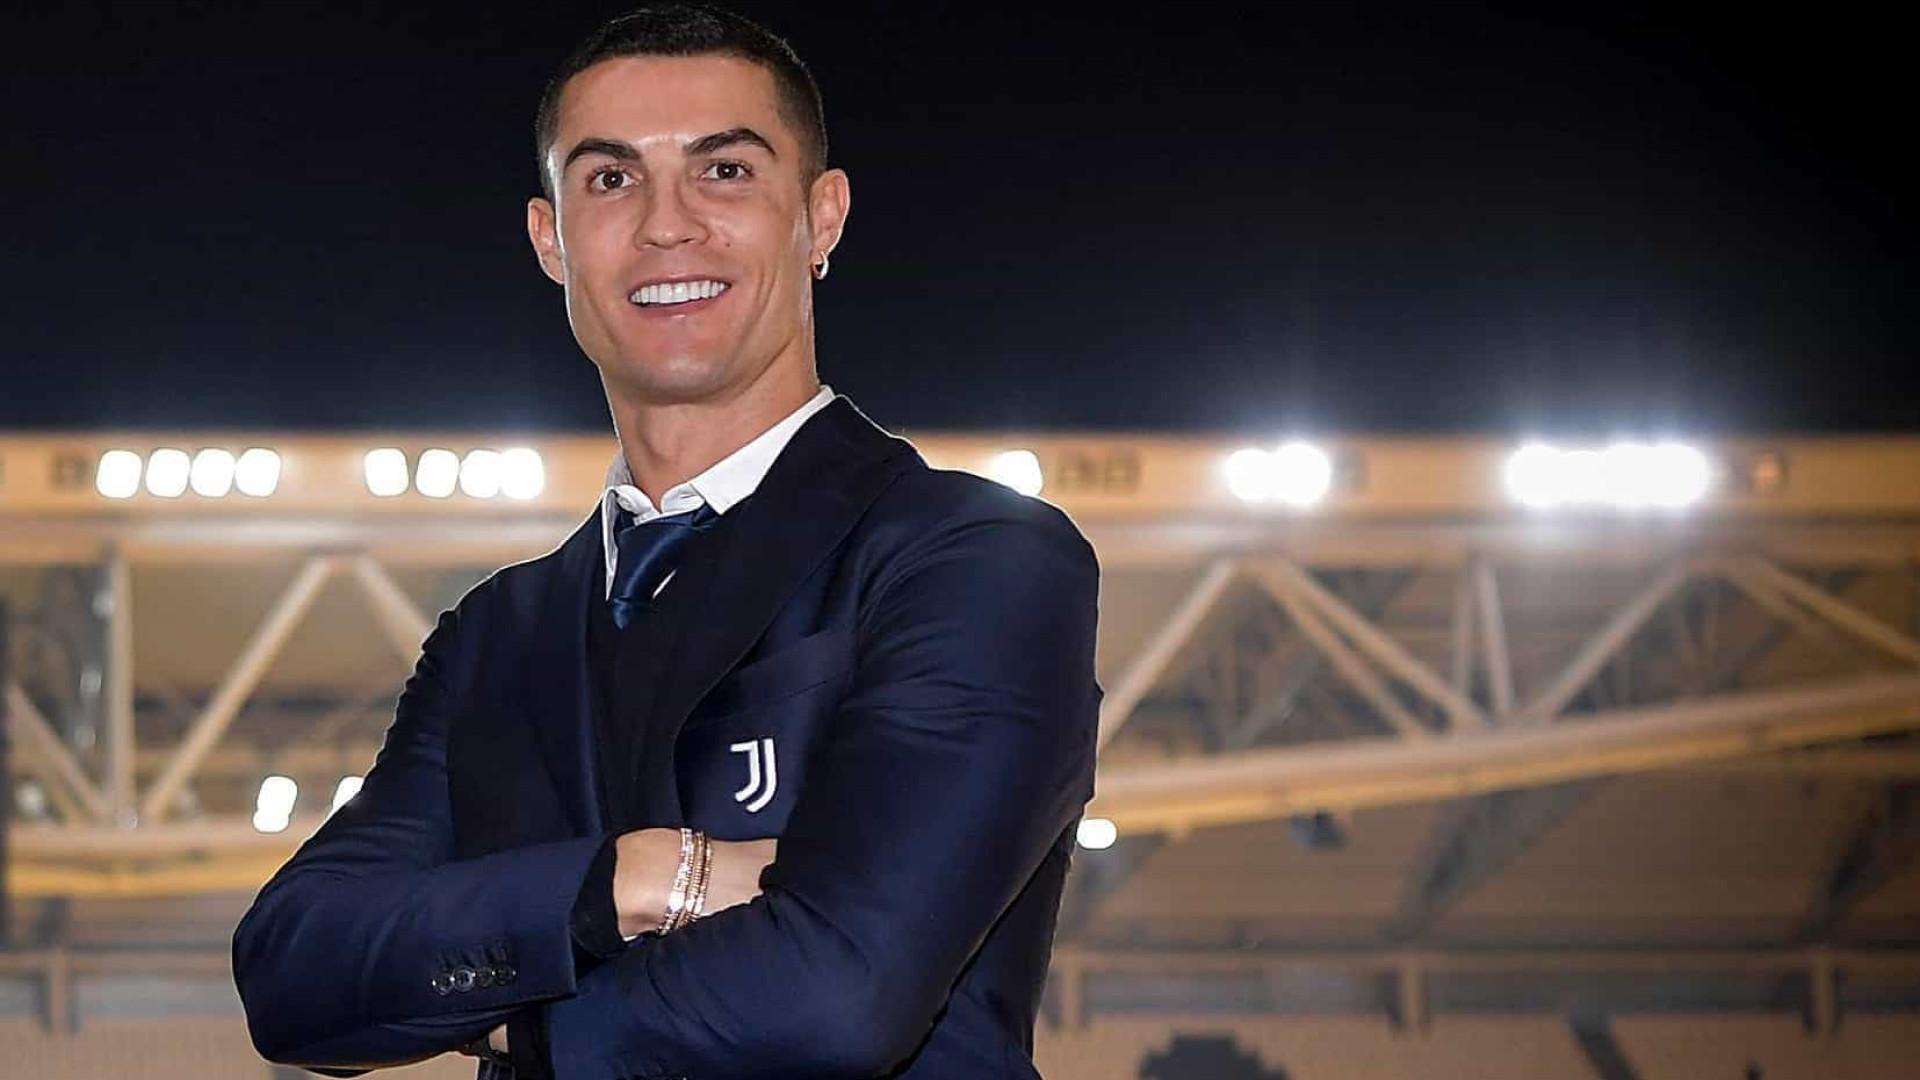 Cristiano Ronaldo descarta aposentadoria e fala em 'jogar por muitos anos mais'